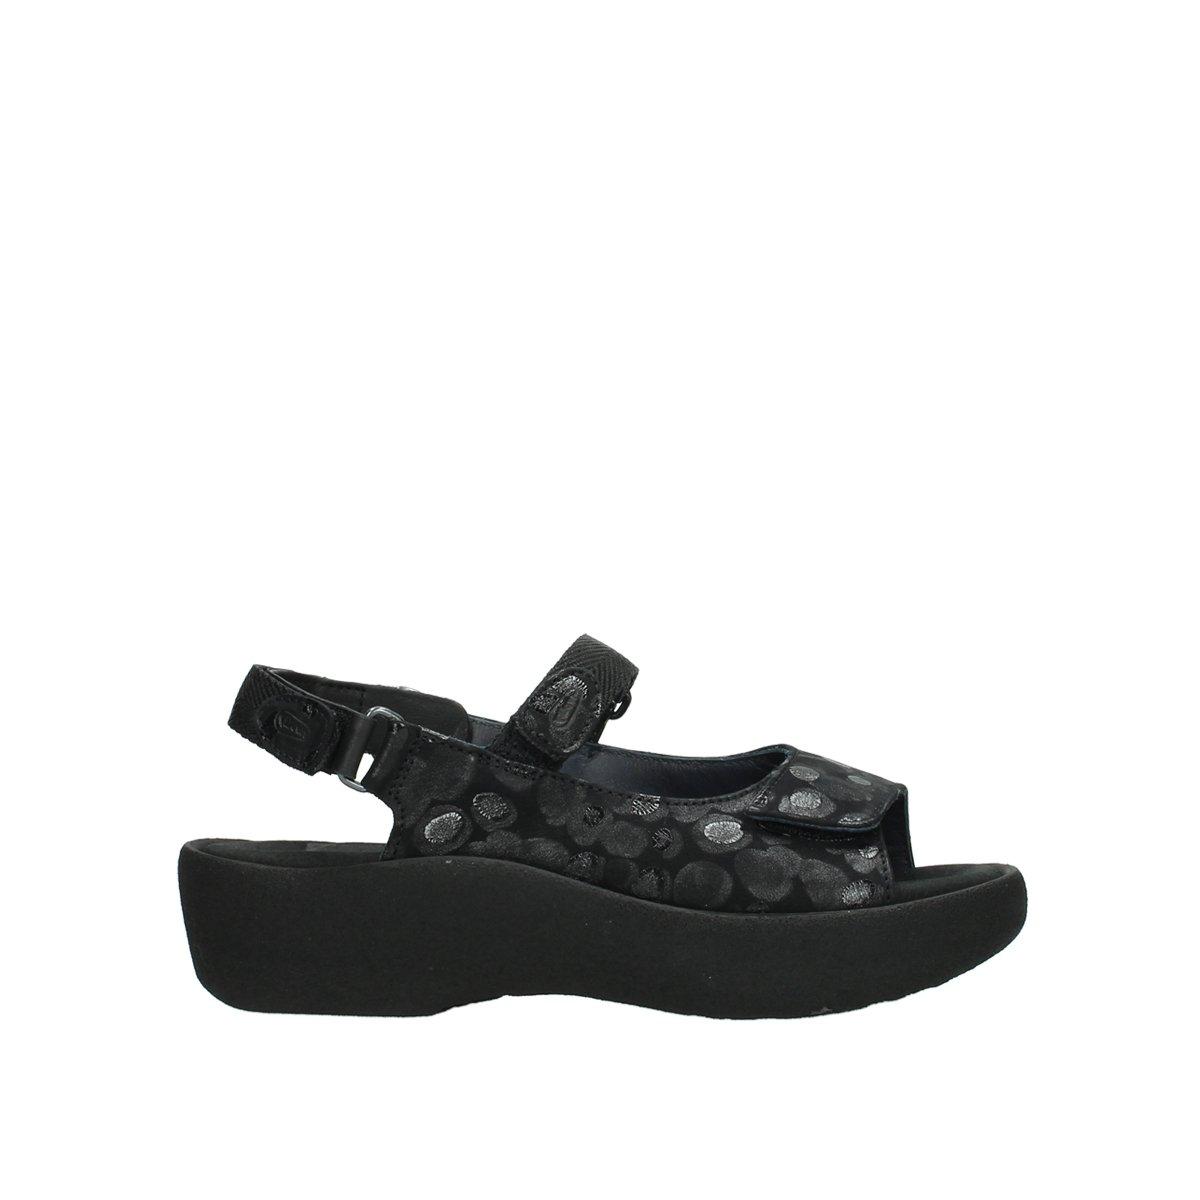 Wolky Comfort Jewel B07B9H67Q9 38 M EU|Black